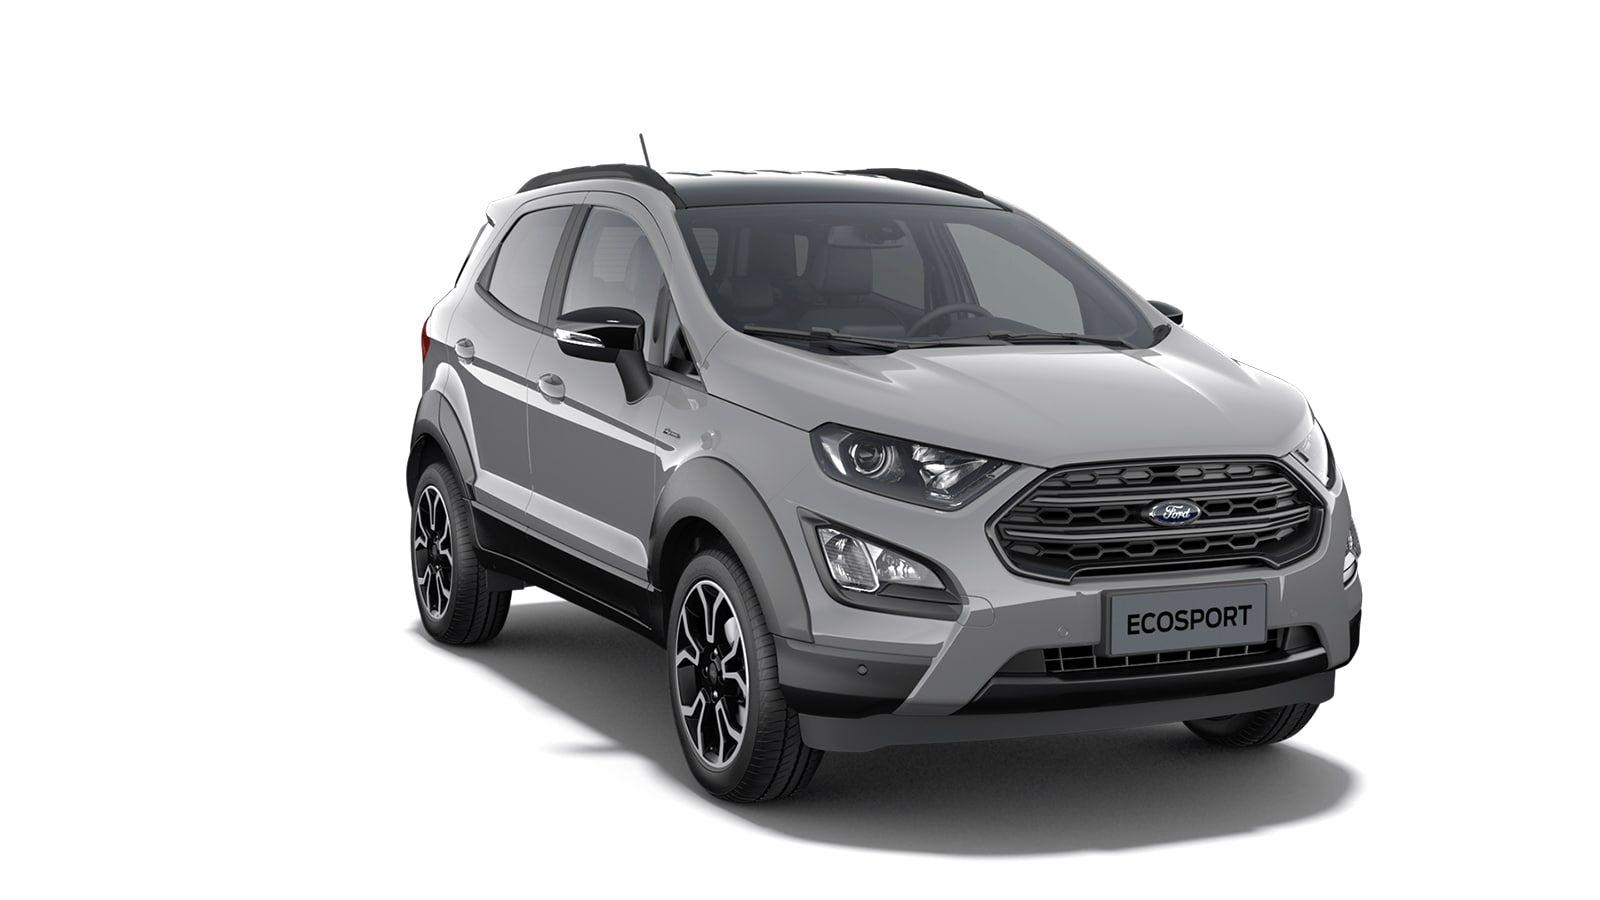 """New Ford New ecosport Active 1.0i EcoBoost 125pk / 92kW M6 - 5d 6GJ - Speciale niet-metaalkleur """"Grey Matter"""" 4"""